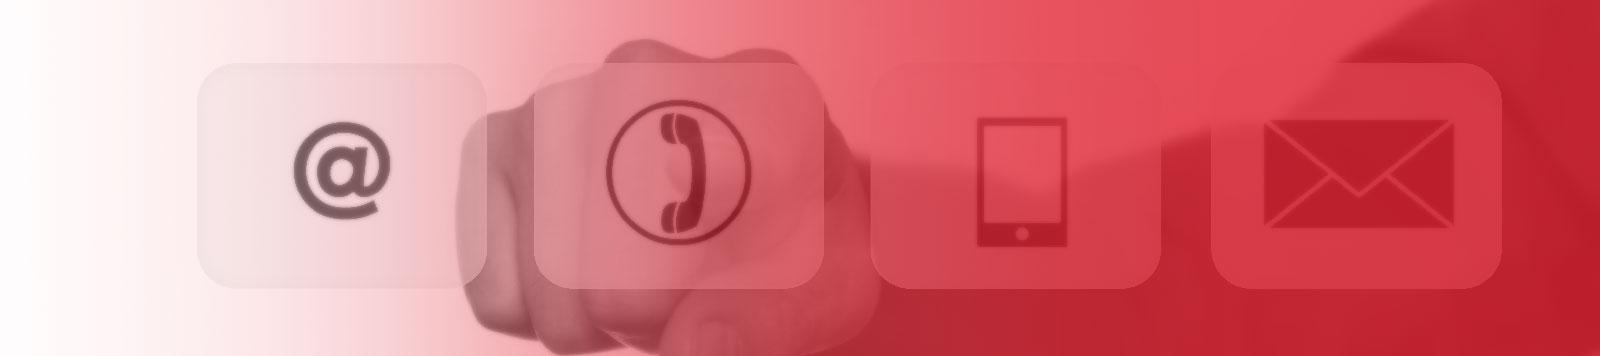 Contactar - Royse, Rodamientos y Servicios